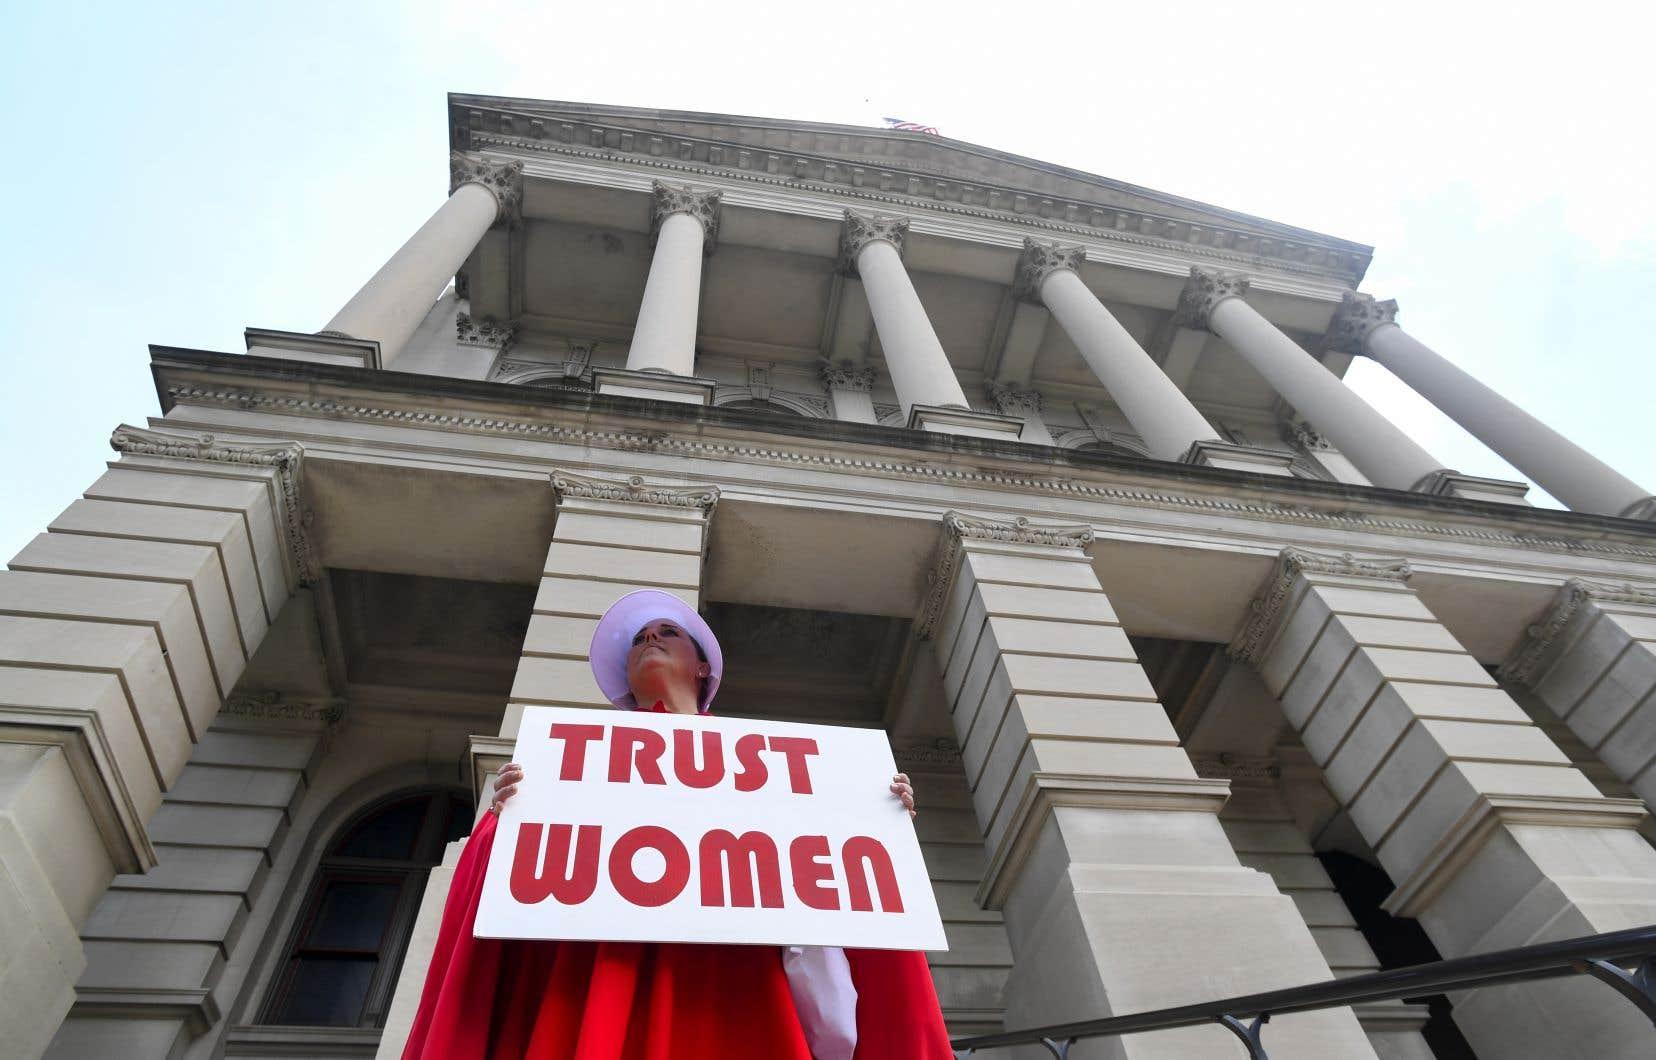 Durant la semaine, des manifestantes ont déjà clamé leur opposition à cette loi en portant la robe rouge pourpre et le bonnet blanc emblématiques de l'oppression des femmes dans la série télévisée «La Servante écarlate».